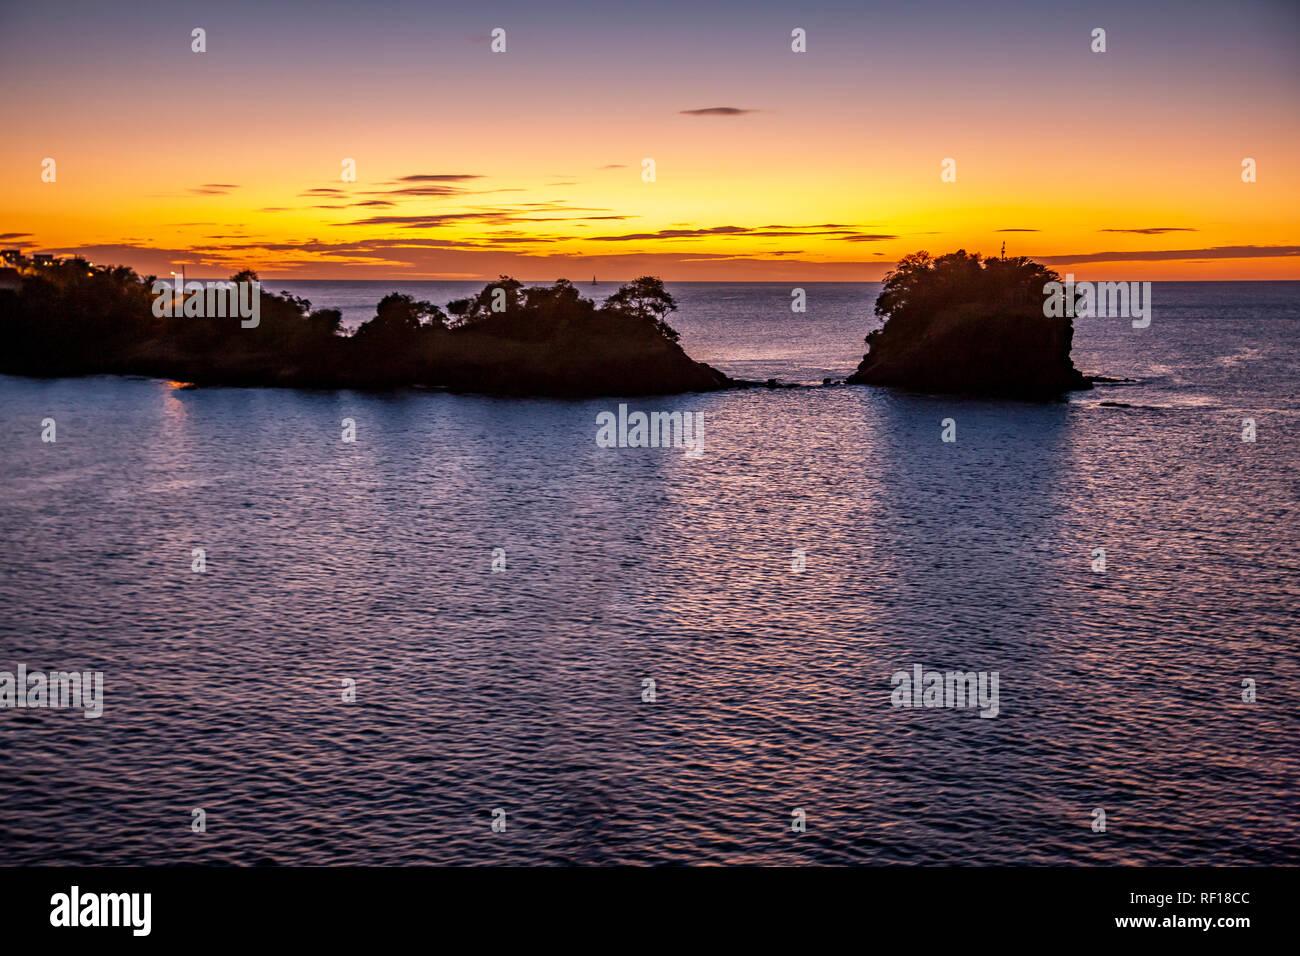 Dejando al atardecer Castries, Santa Lucía, una de las Islas de Barlovento en el Caribe. Foto de stock